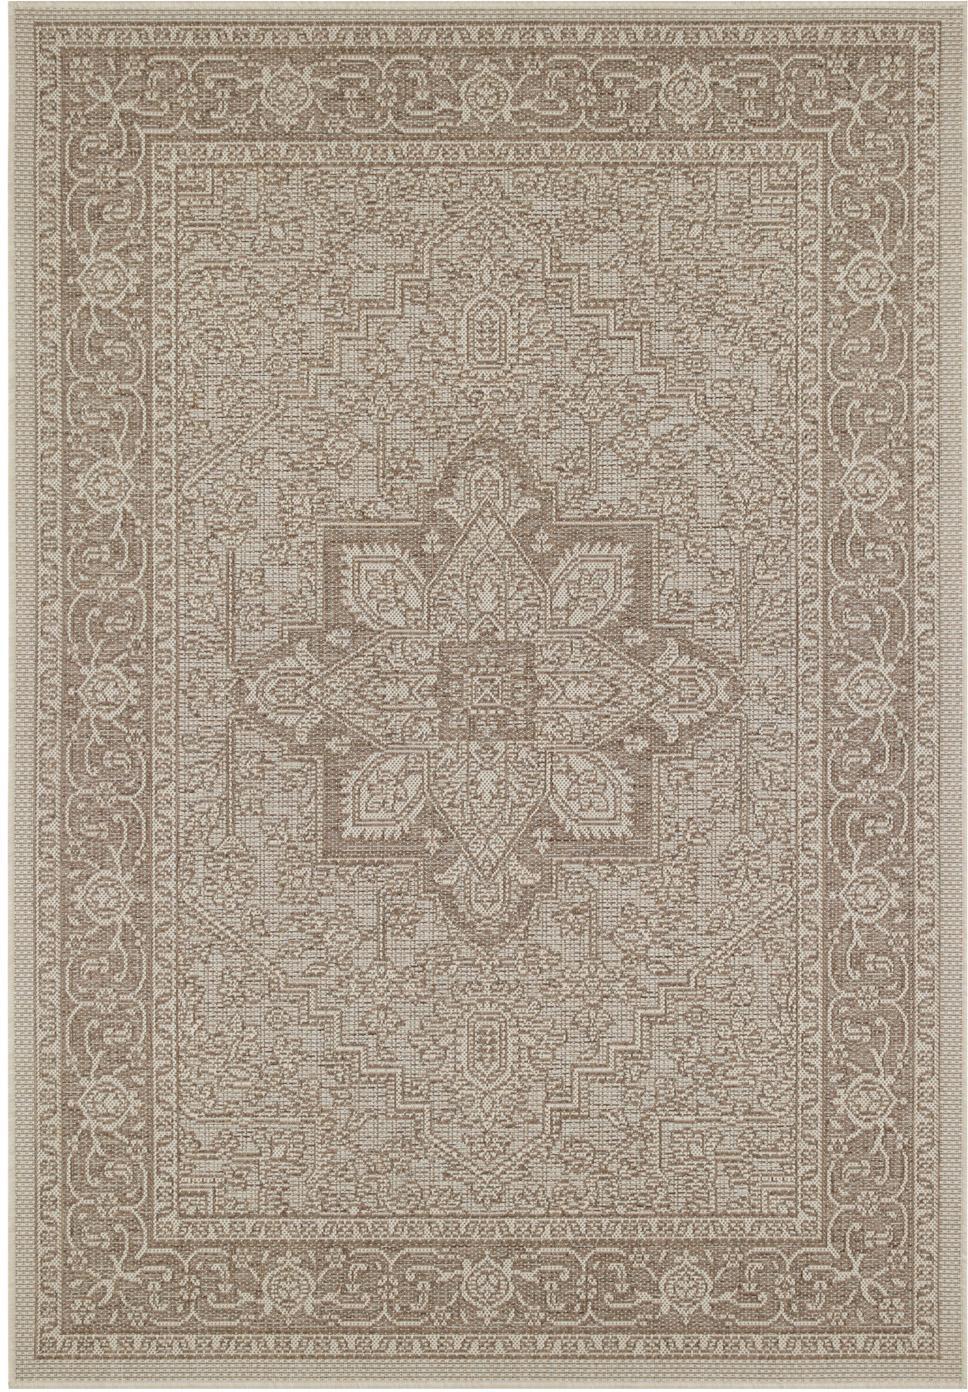 In- & Outdoor-Teppich Anjara im Vintage Style, 100% Polypropylen, Taupe, Beige, B 140 x L 200 cm (Größe S)